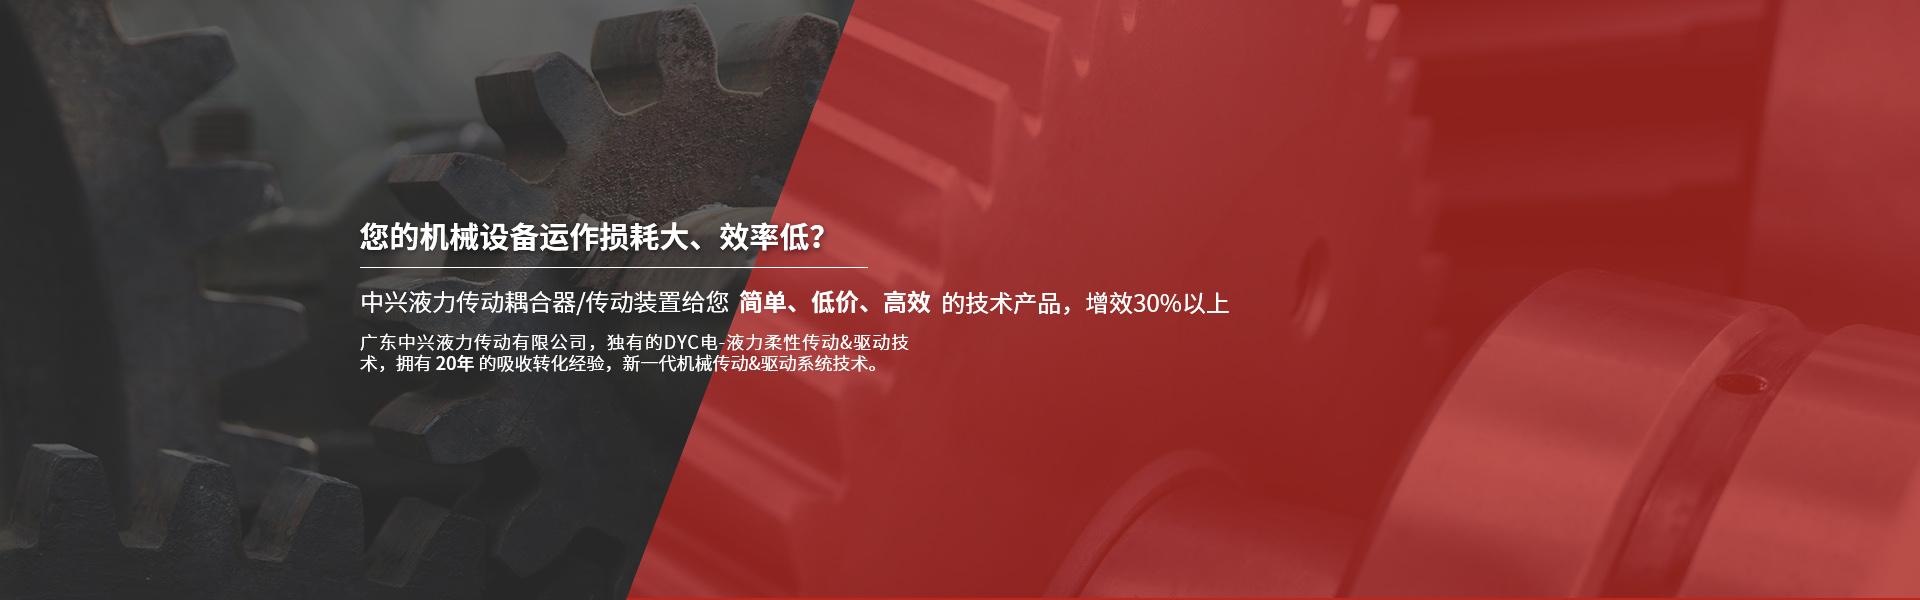 万博体育app液力传dong耦合器zhuang置-给您de技术产pin增xiao30%